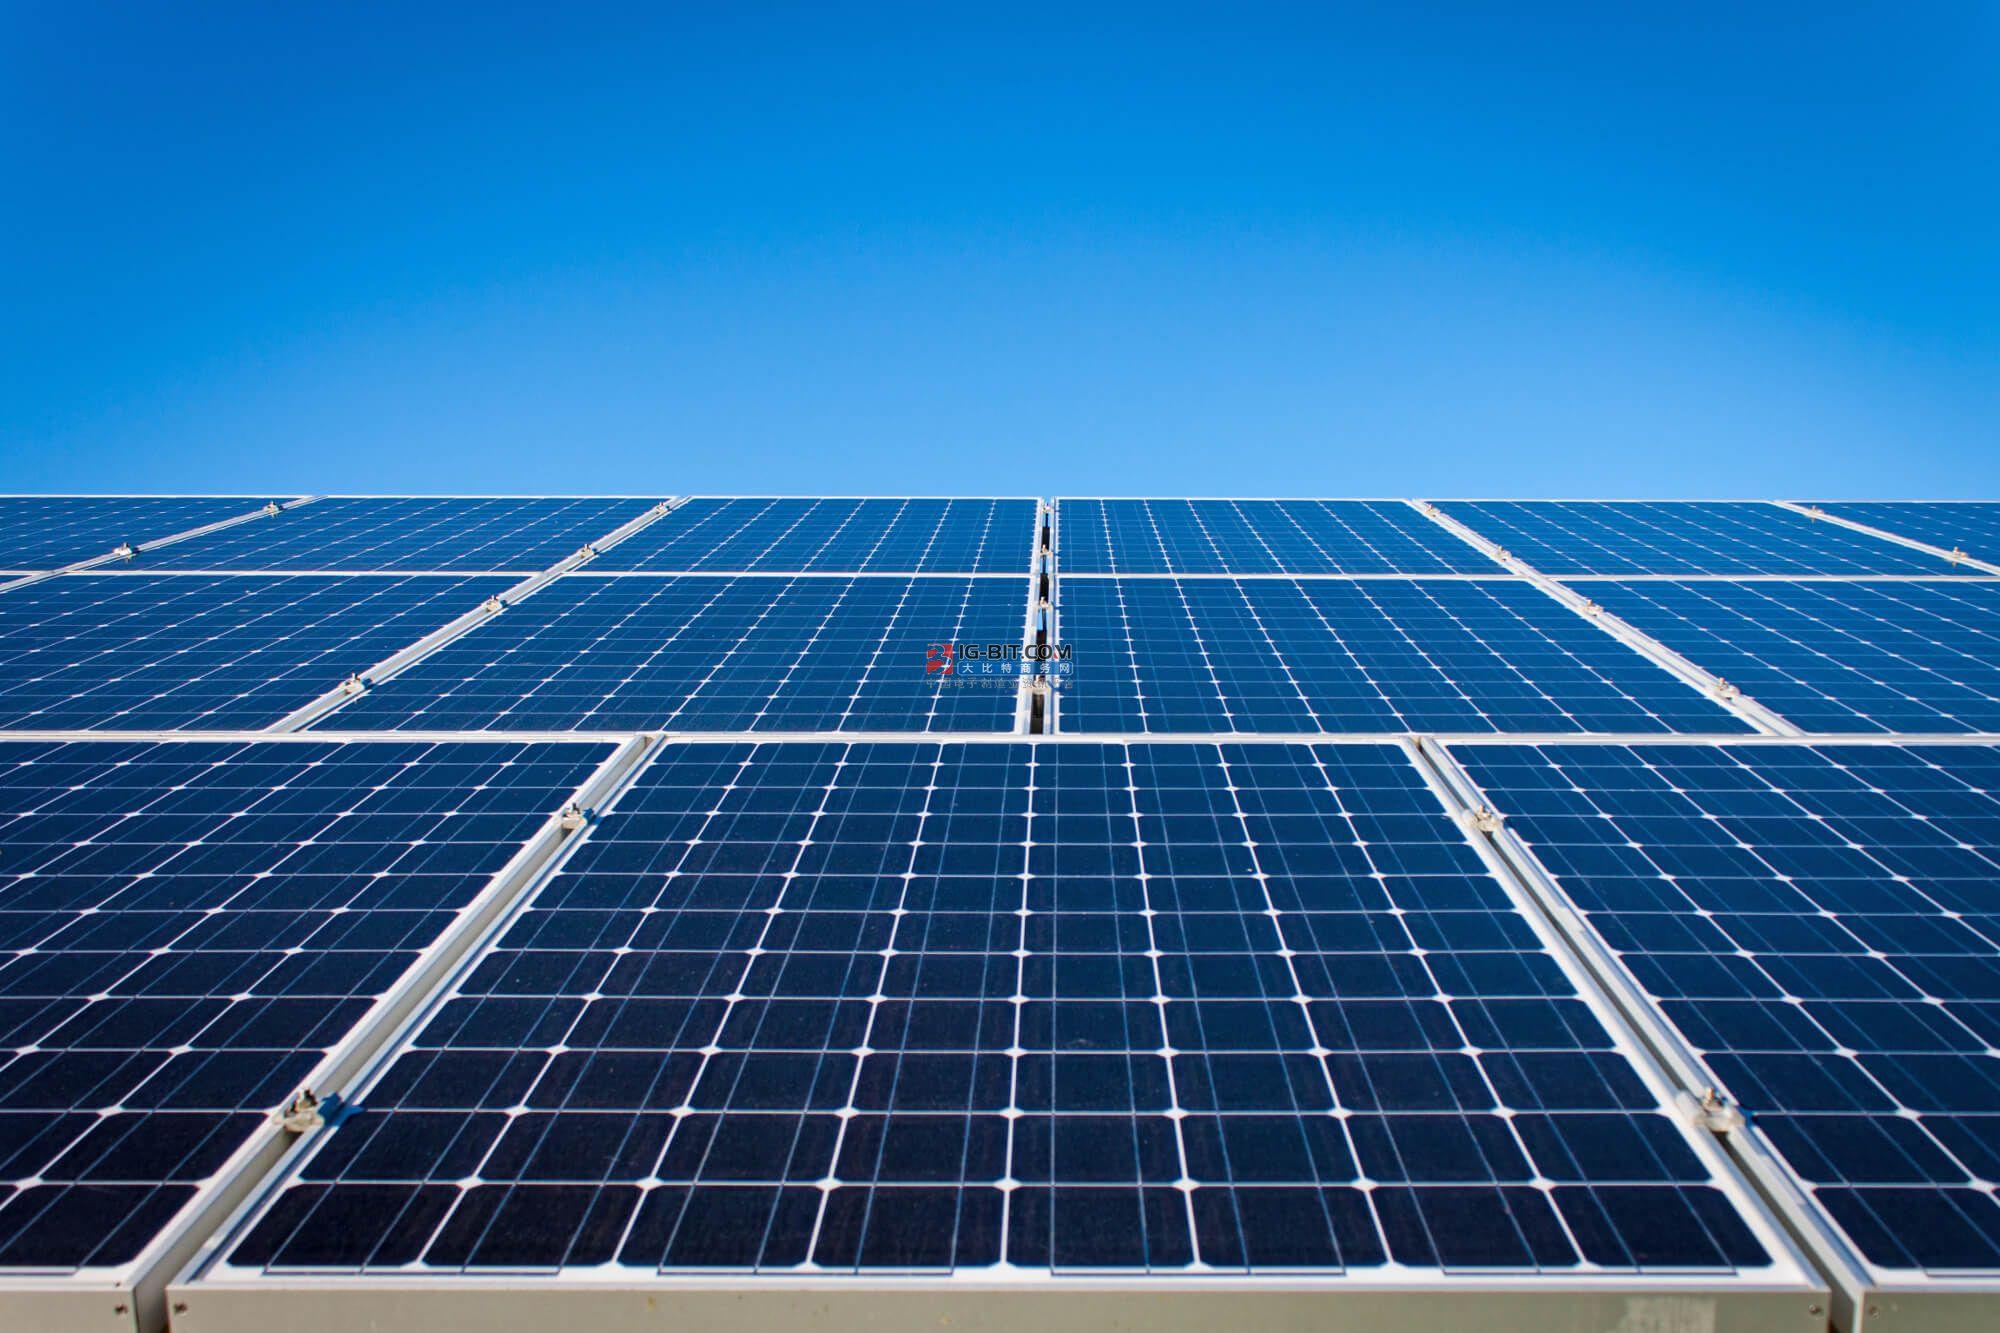 到2050年荷兰太阳能装机量可能达到125GW